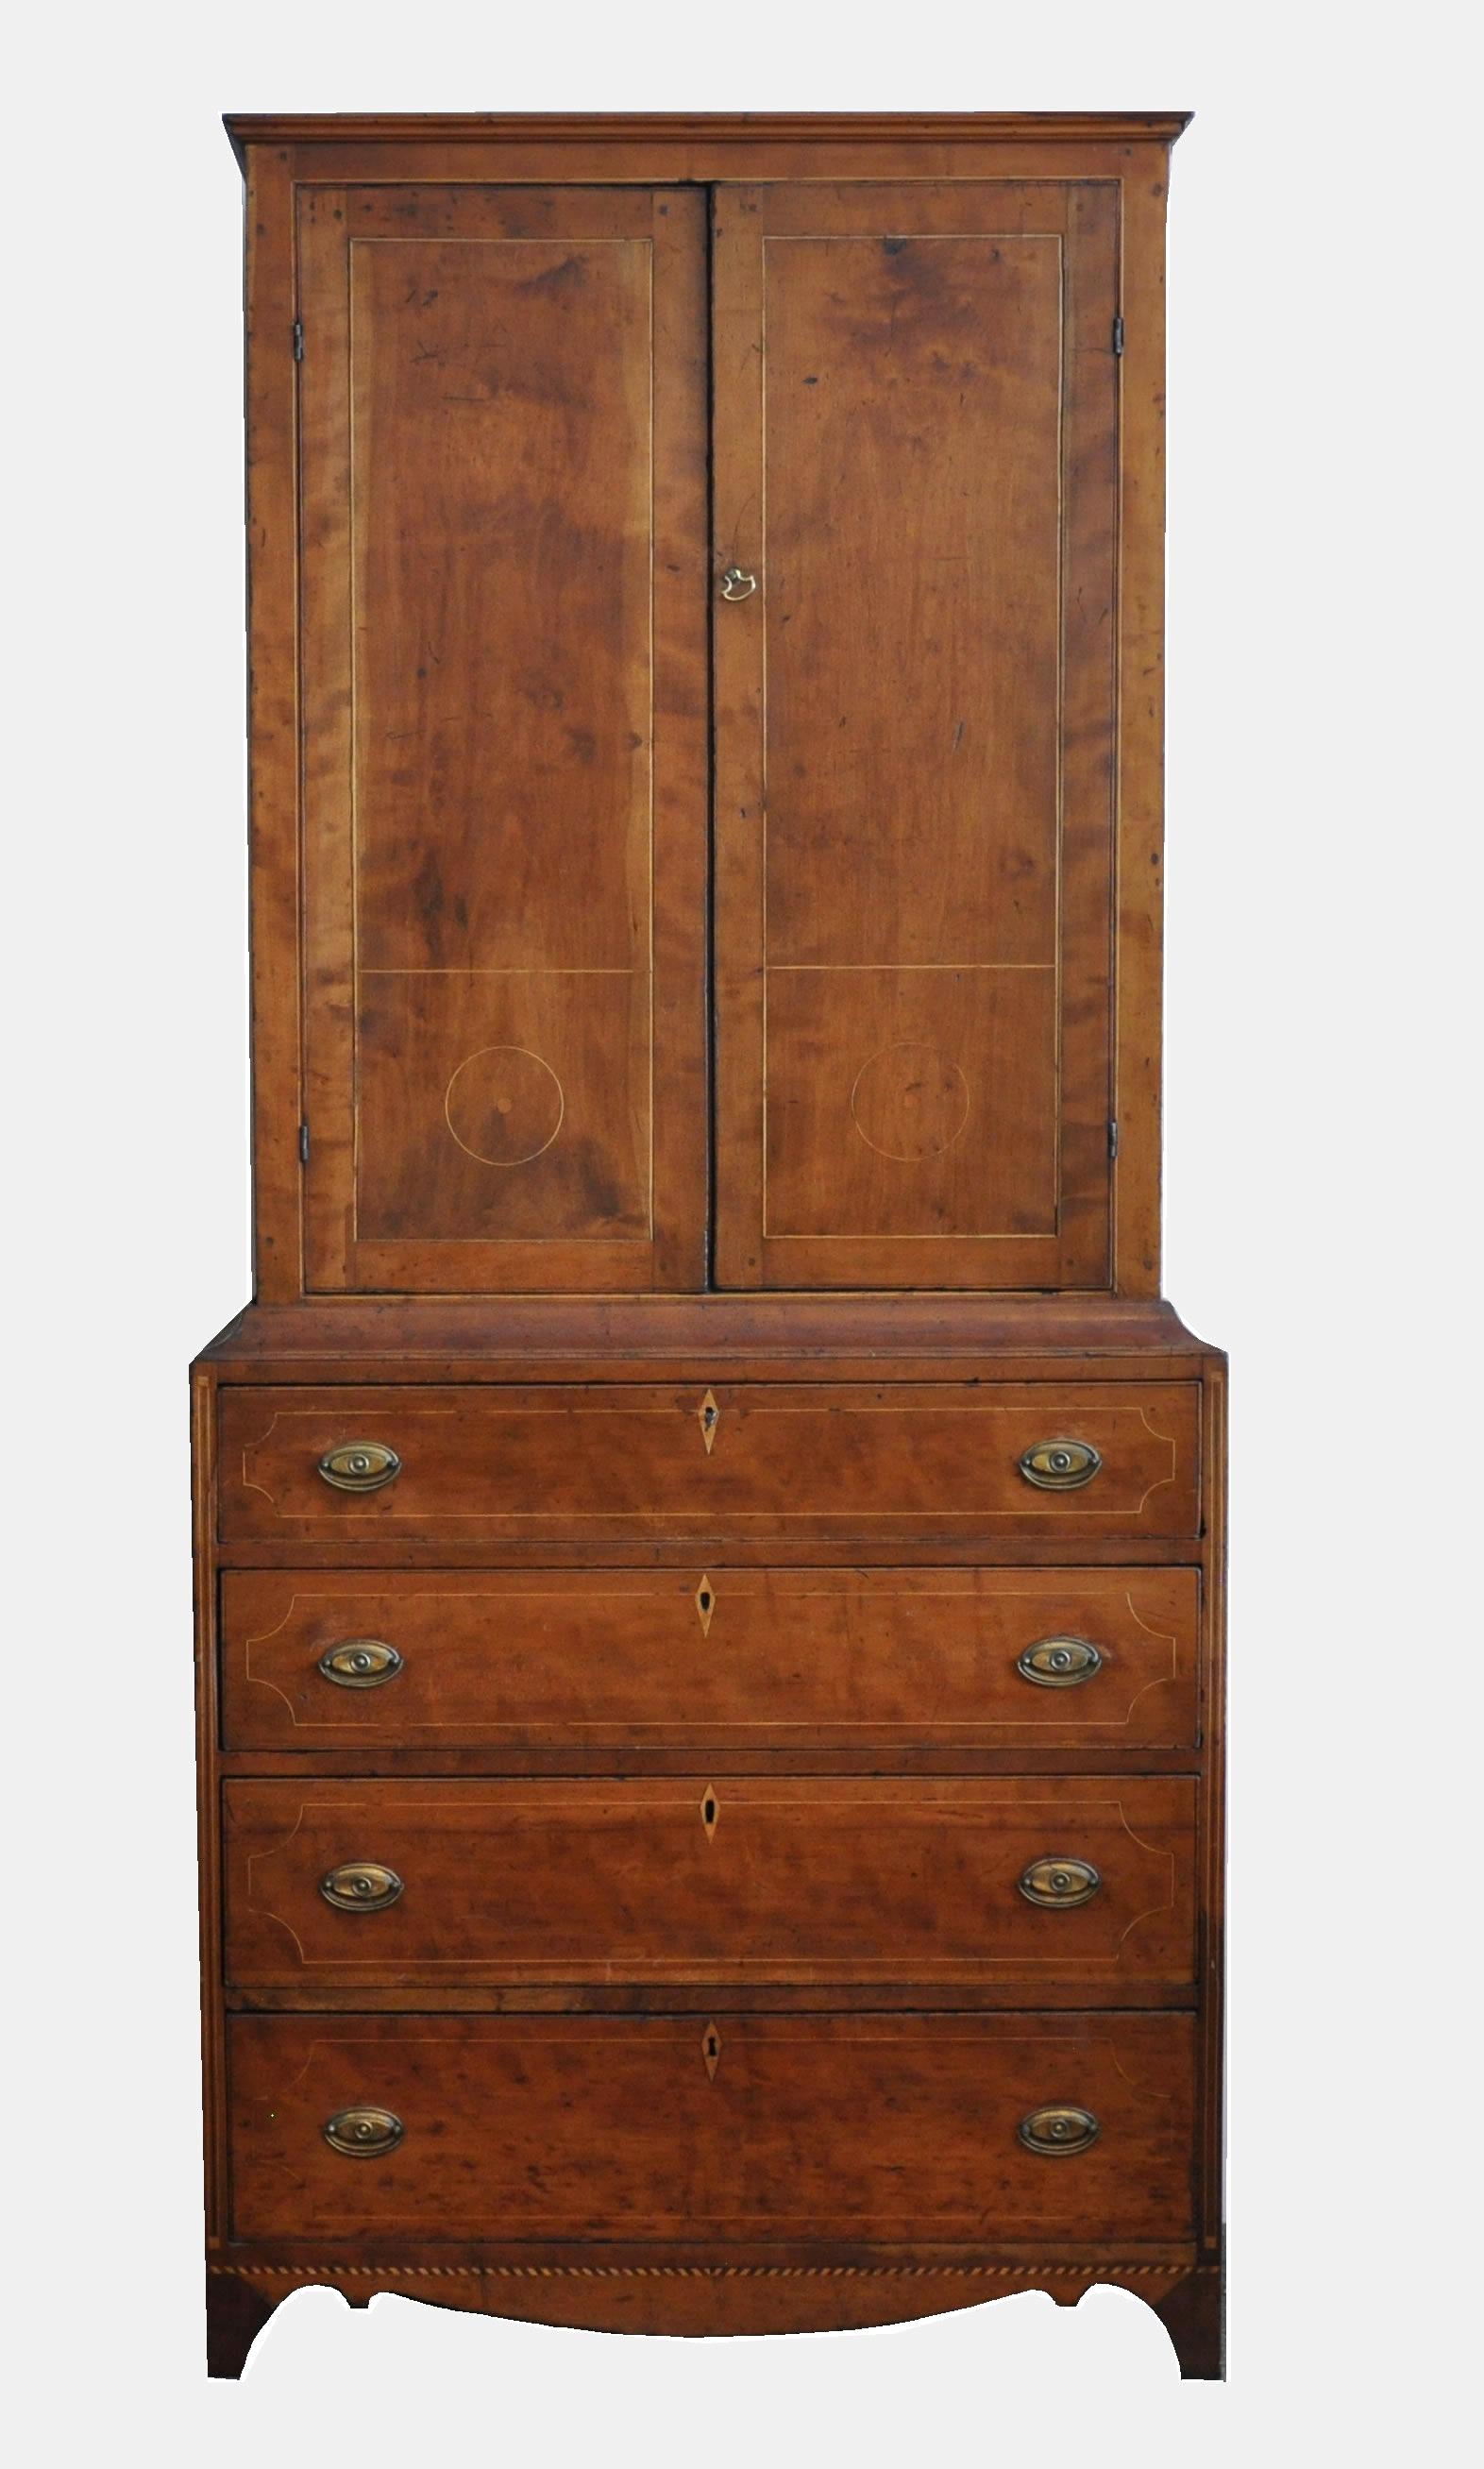 Beau An Antique Linen Press Cabinet